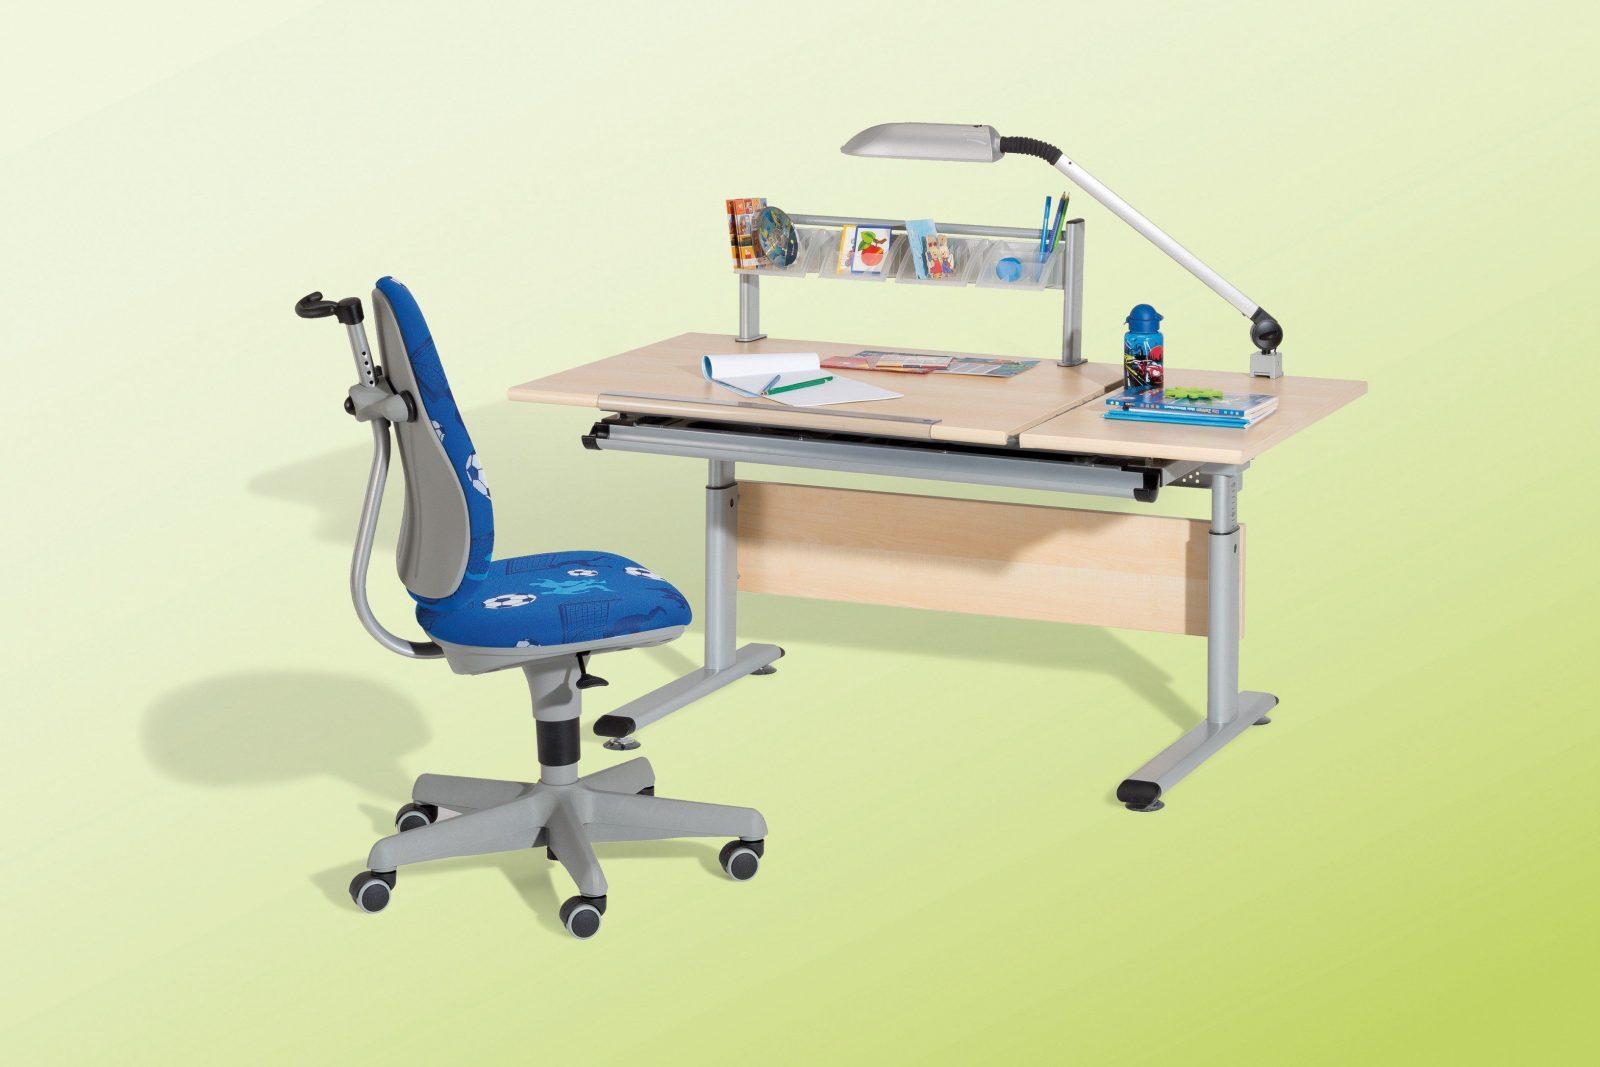 Marco 2 Gt 130 Kinderschreibtisch Von Paidi  Möbel Letz  Ihr von Paidi Schreibtisch Marco 2 Gt Bild